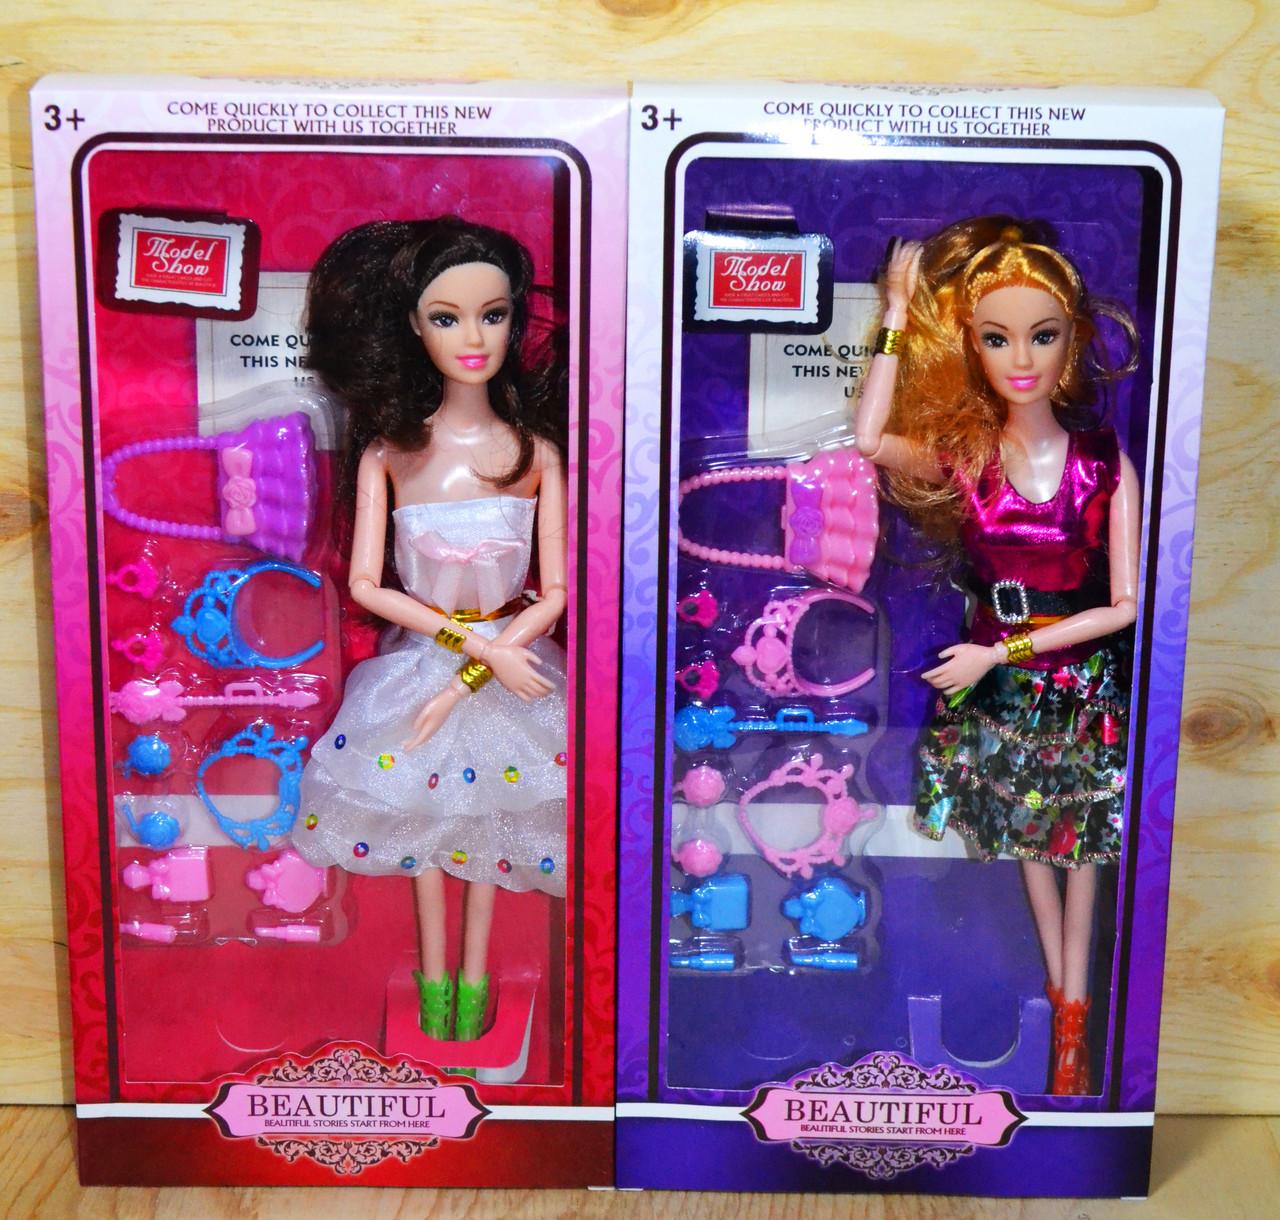 Немного помятая!!! 9516 Beautyful кукла .,гнется в суставах,( 3вида,6шт в уп.)цена за 1шт. 32*16см